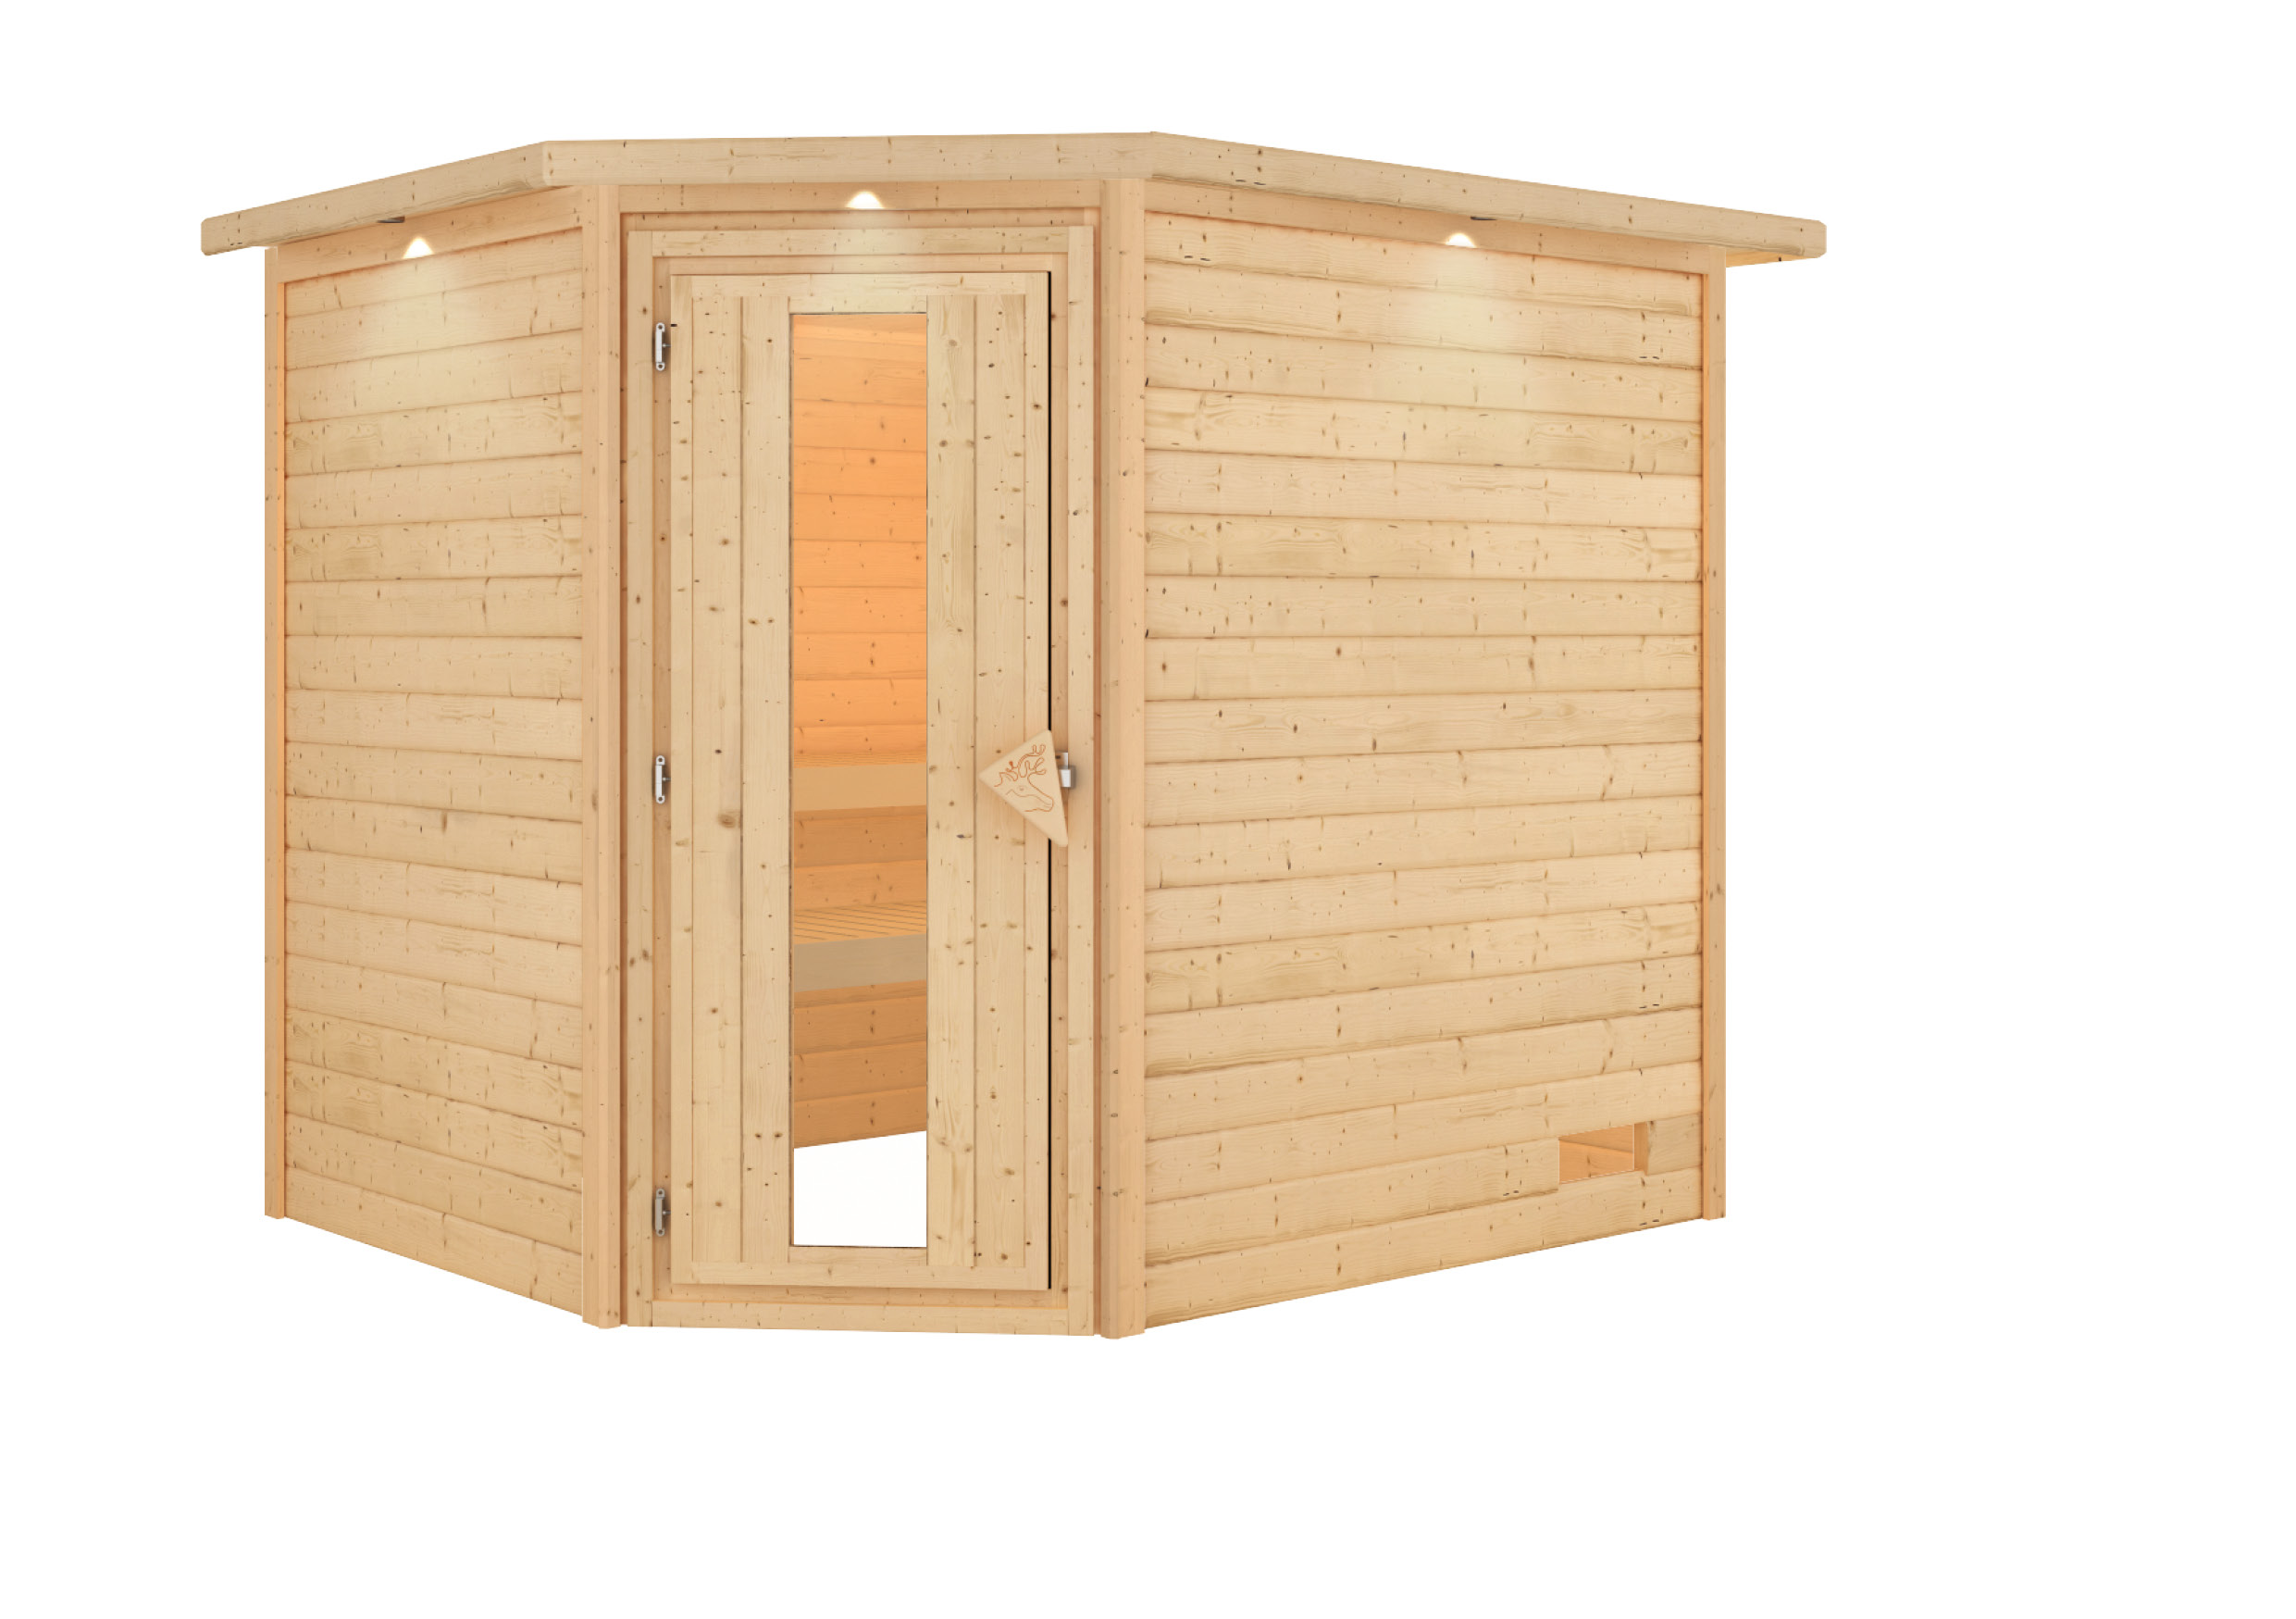 Woodfeeling Sauna Lisa 38mm Kranz ohne Ofen Tür Holz Bild 5